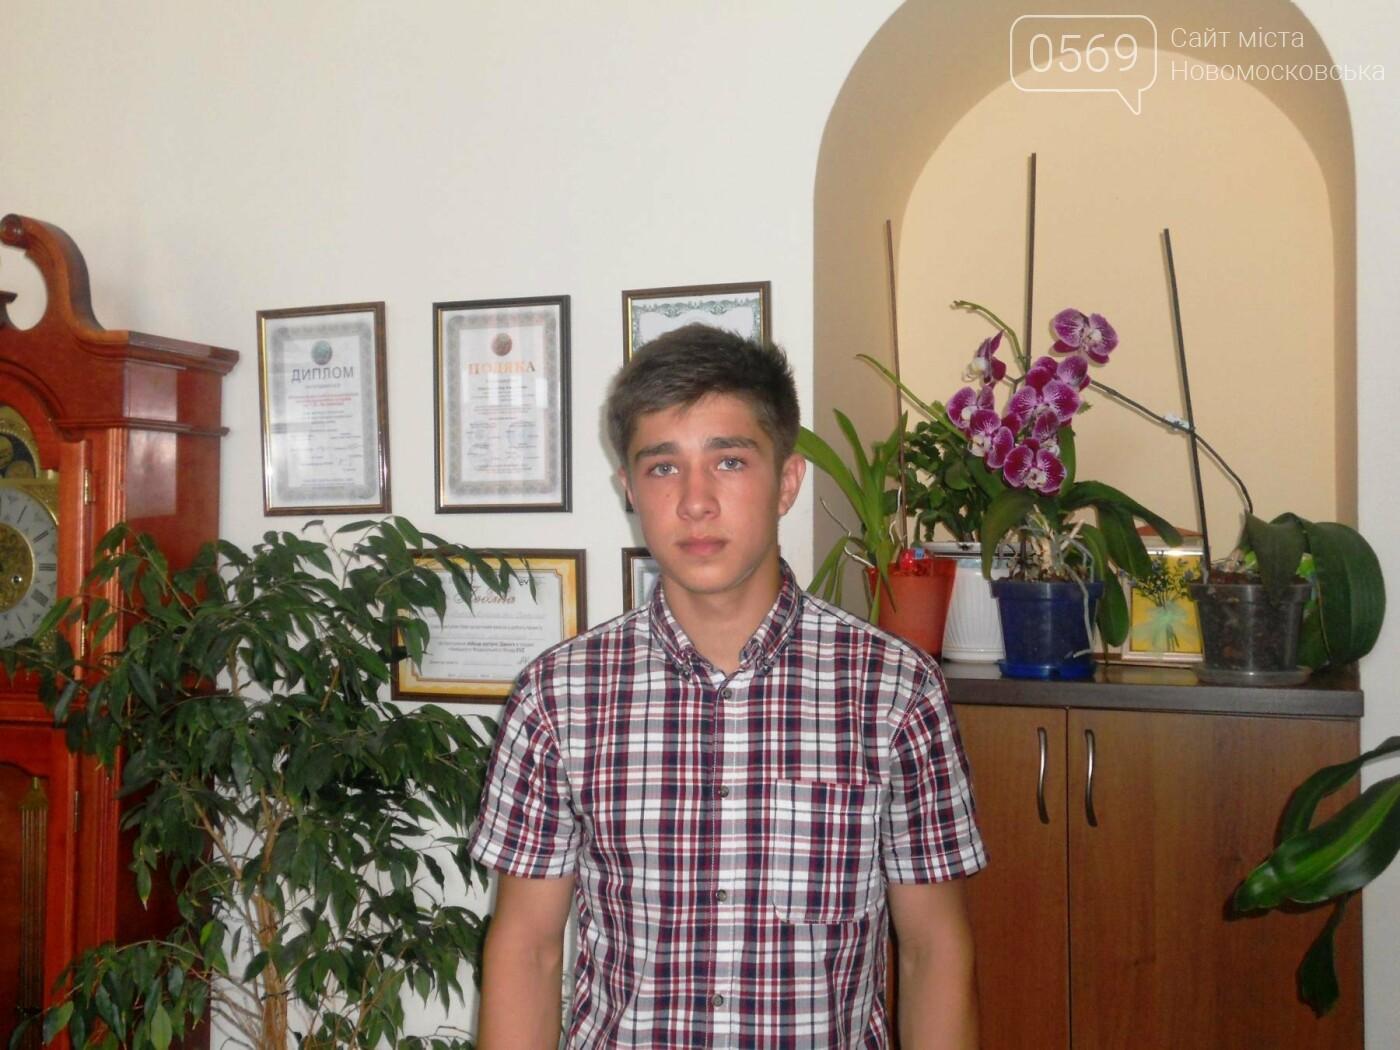 Несчастный случай в Новомосковске: жизнь подростку спас студент кооперативного колледжа, фото-2